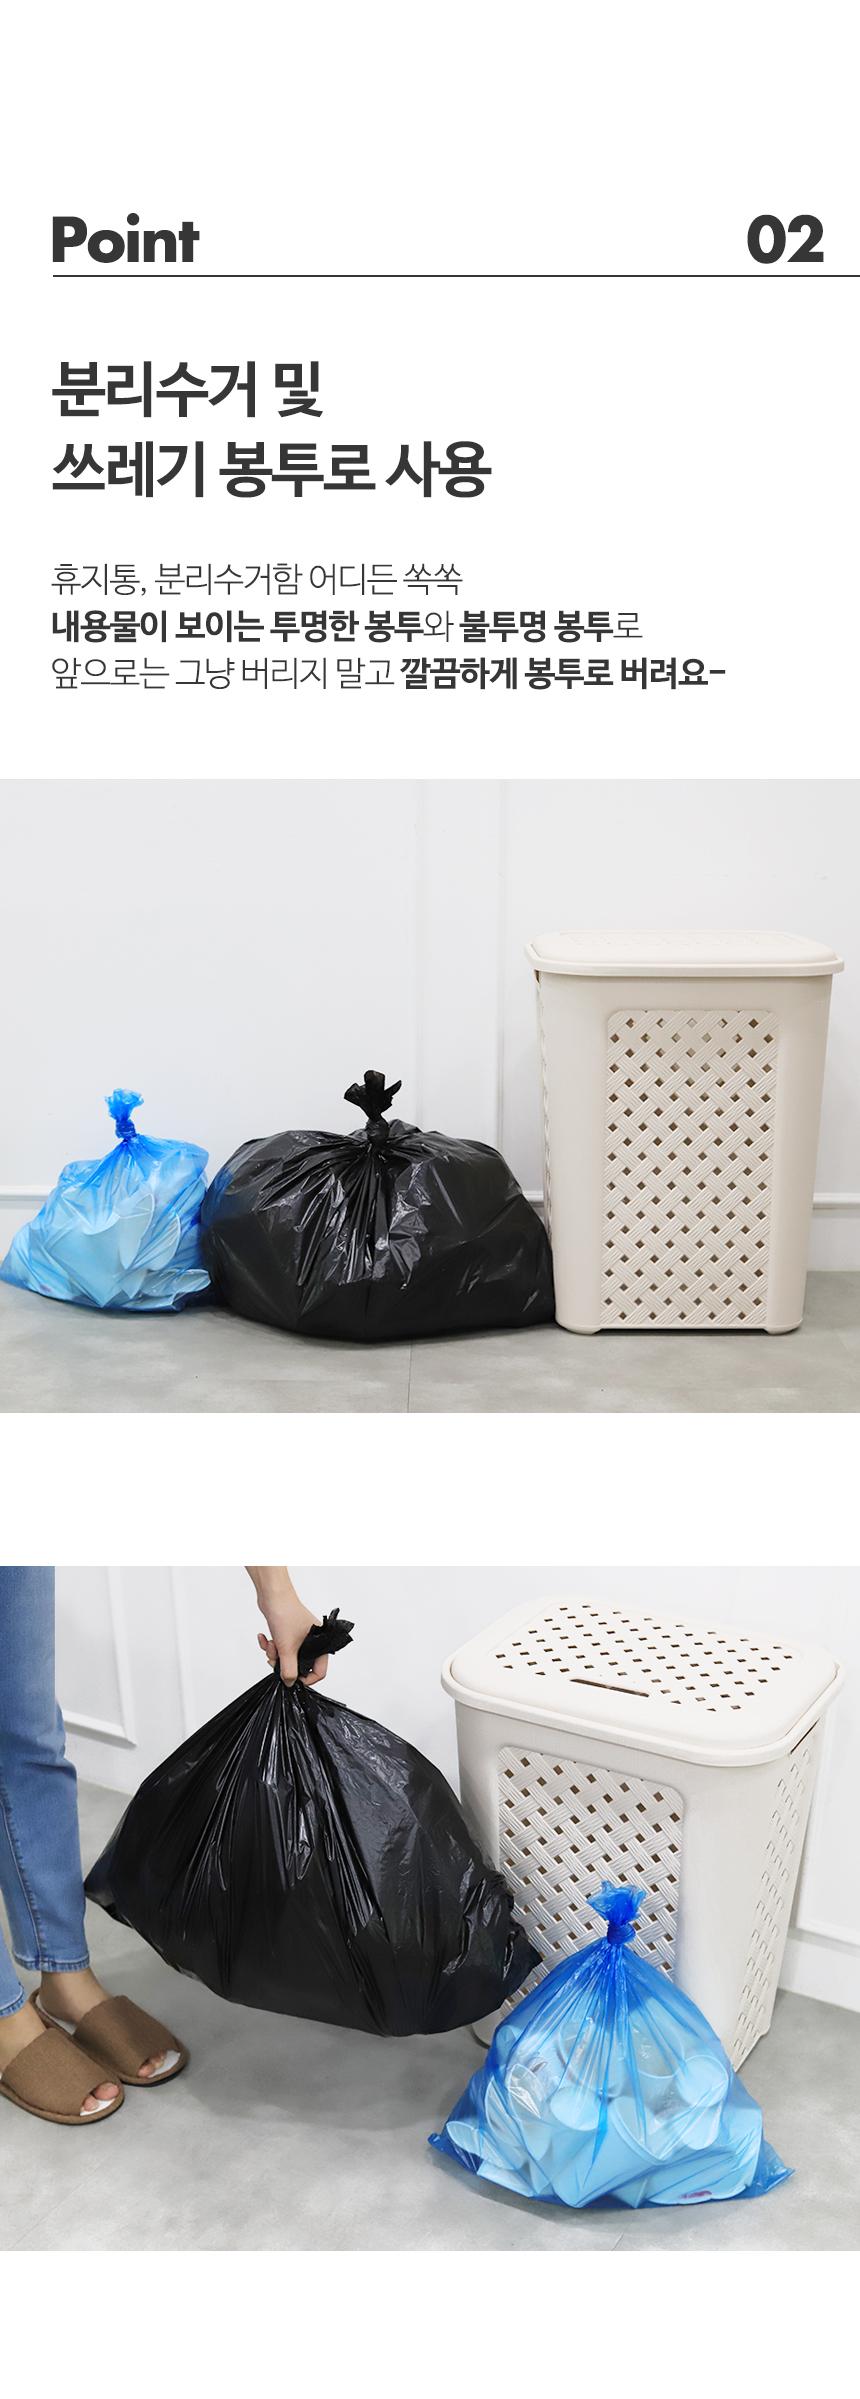 모던데일 분리수거함 비닐봉투 27L(200매) - 더홈, 23,000원, 생활잡화, 생활소모품